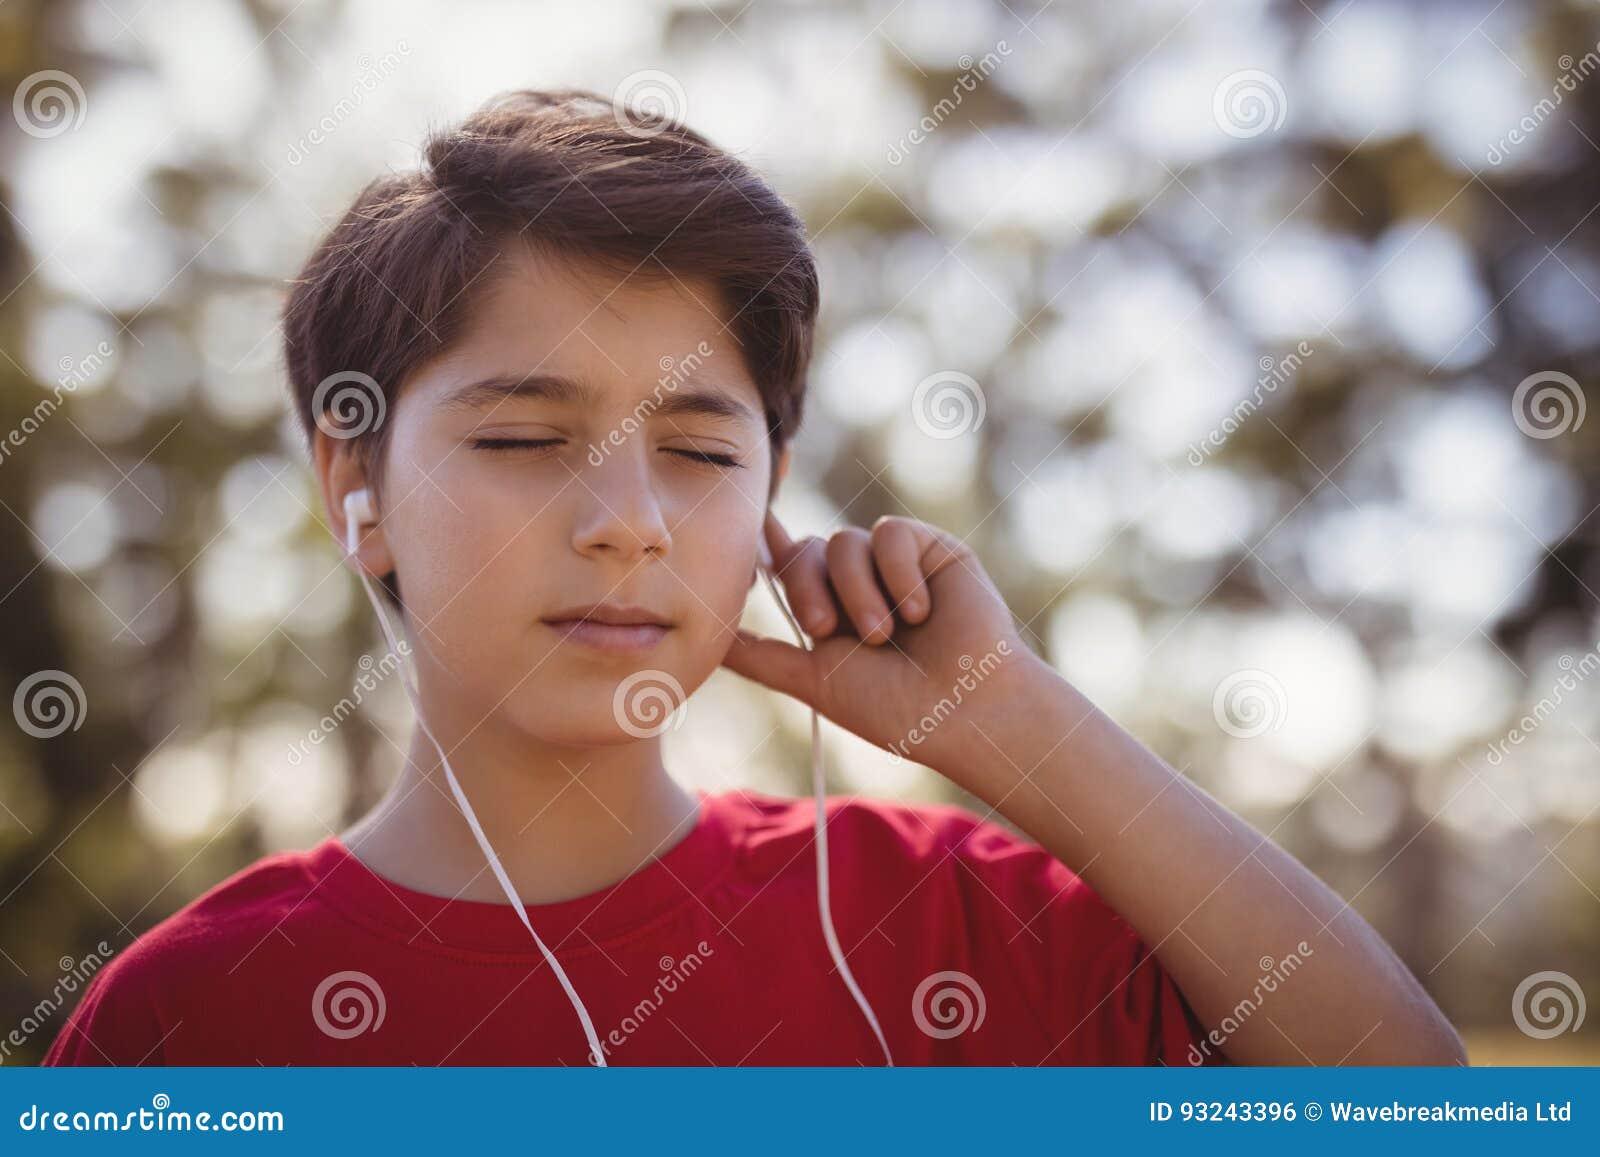 Nahaufnahme der hörenden Musik des Jungen auf Kopfhörern während des Hindernislaufs